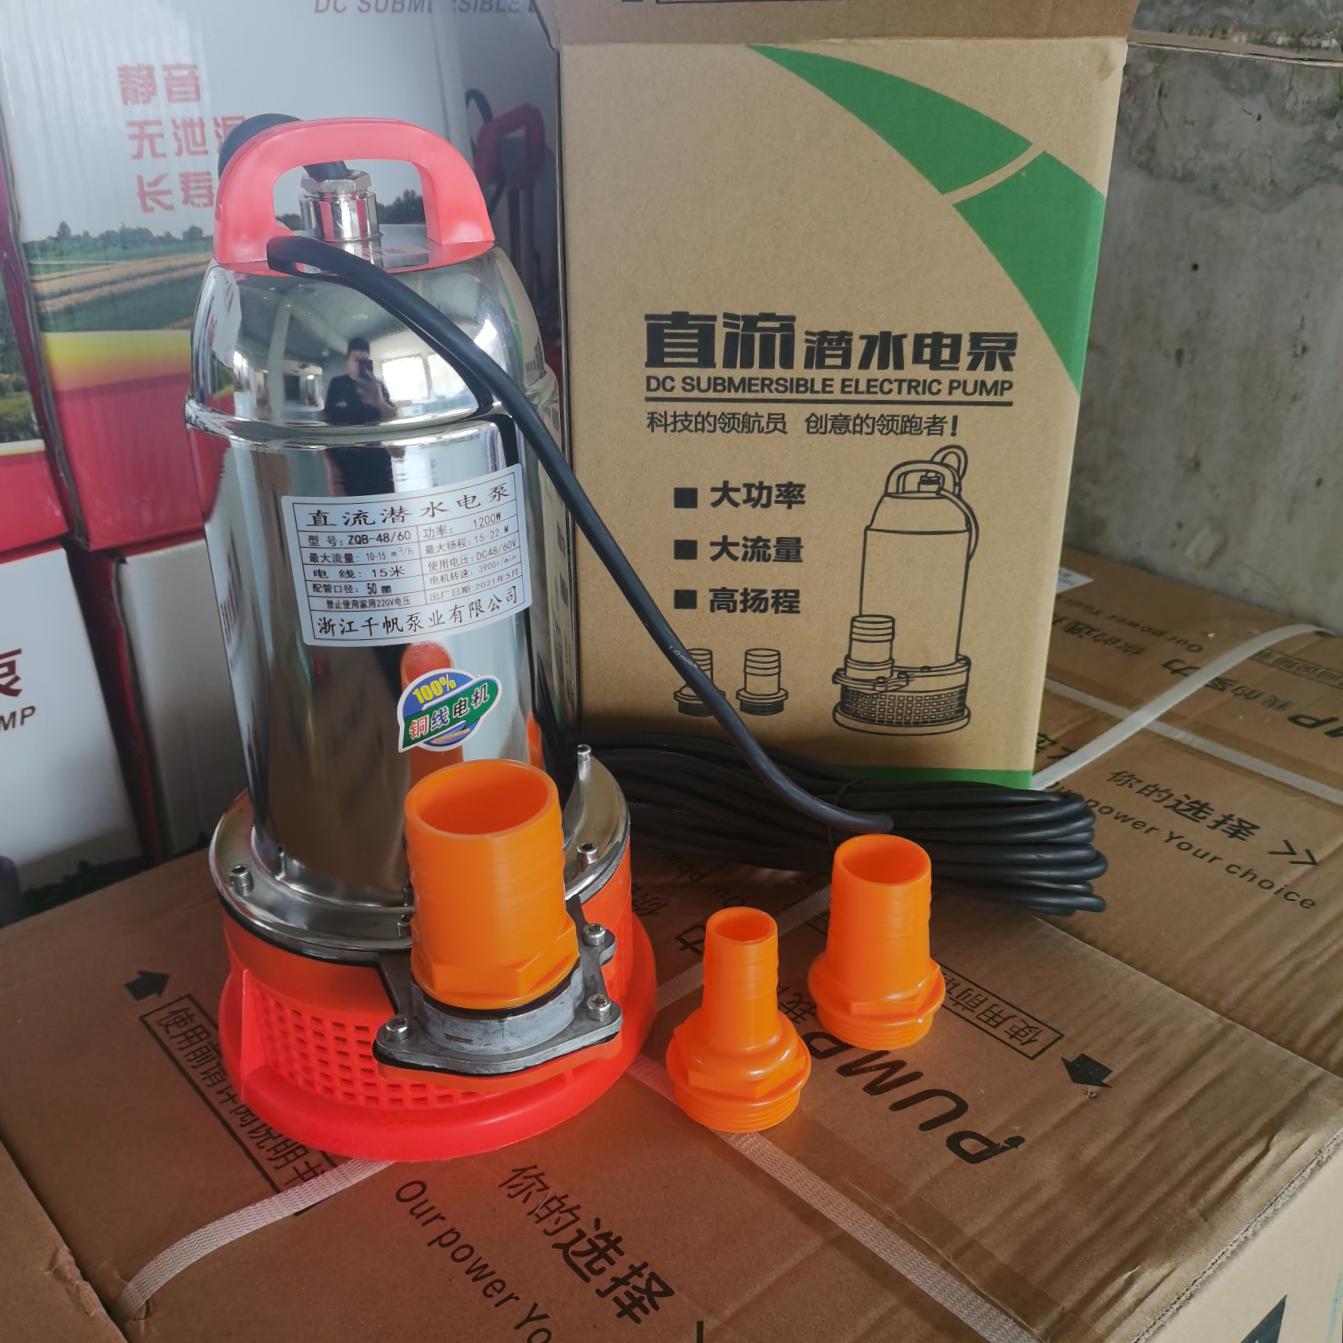 直流潜水电泵电瓶车水泵ZBQ-48/60V 大2寸 直流泵